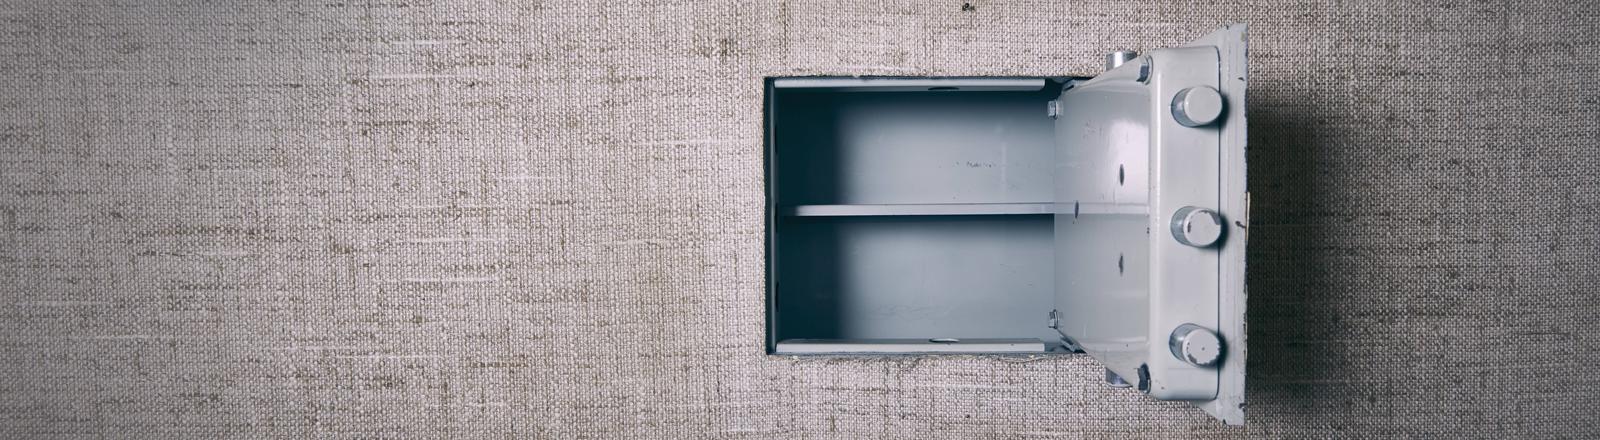 Ein geöffneter leerer Tresor in einer Wand